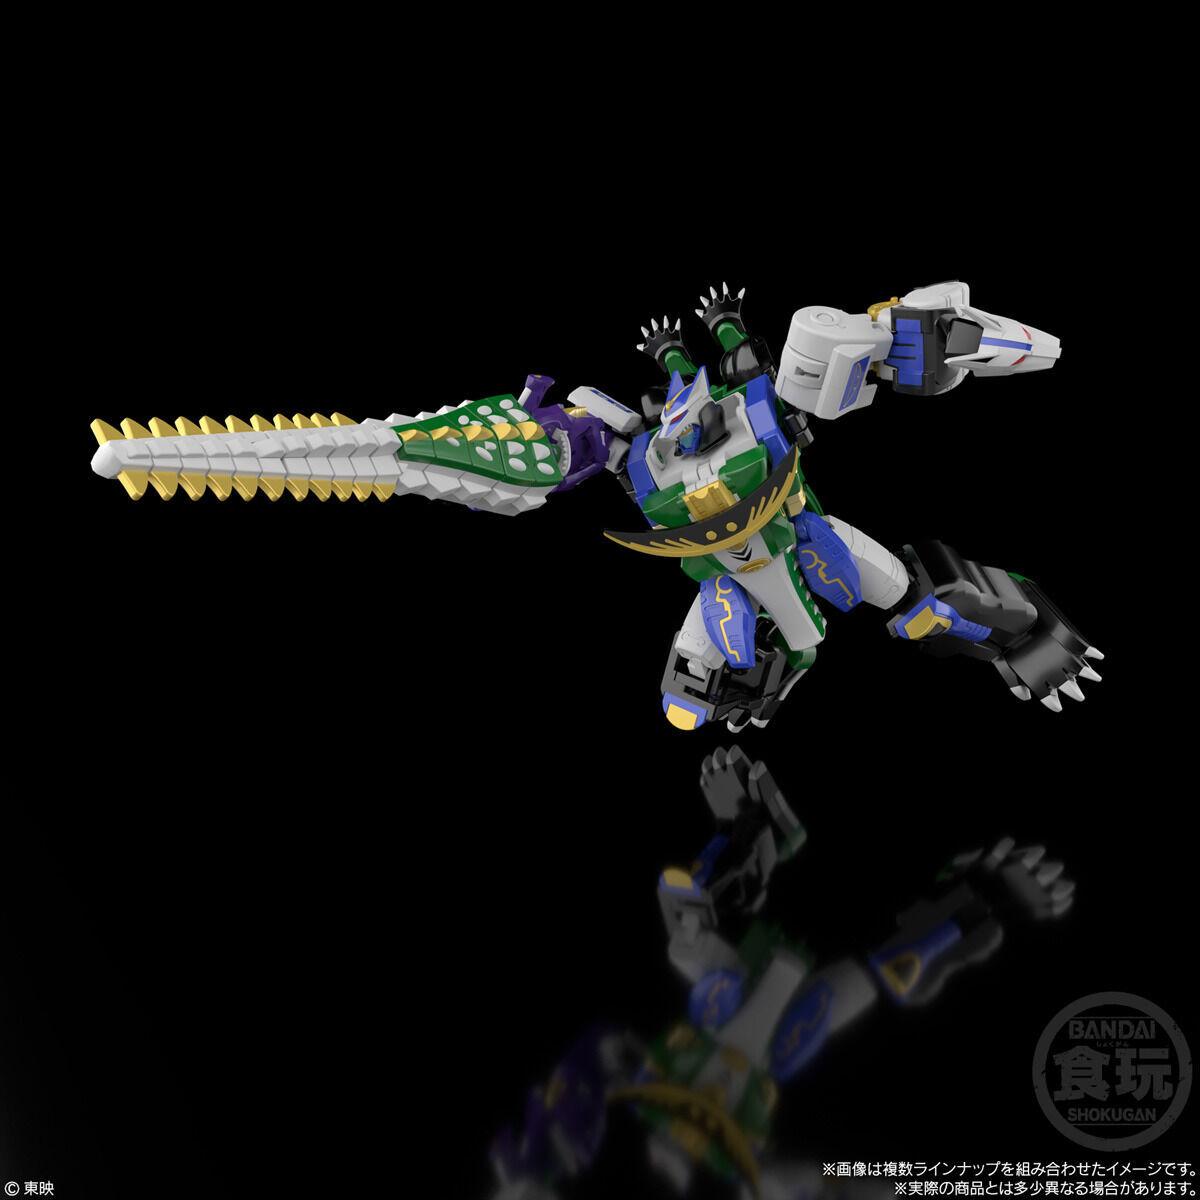 【食玩】SMP [SHOKUGAN MODELING PROJECT] 『百獣合体 ガオハンター』百獣戦隊ガオレンジャー 3個入りBOX-007